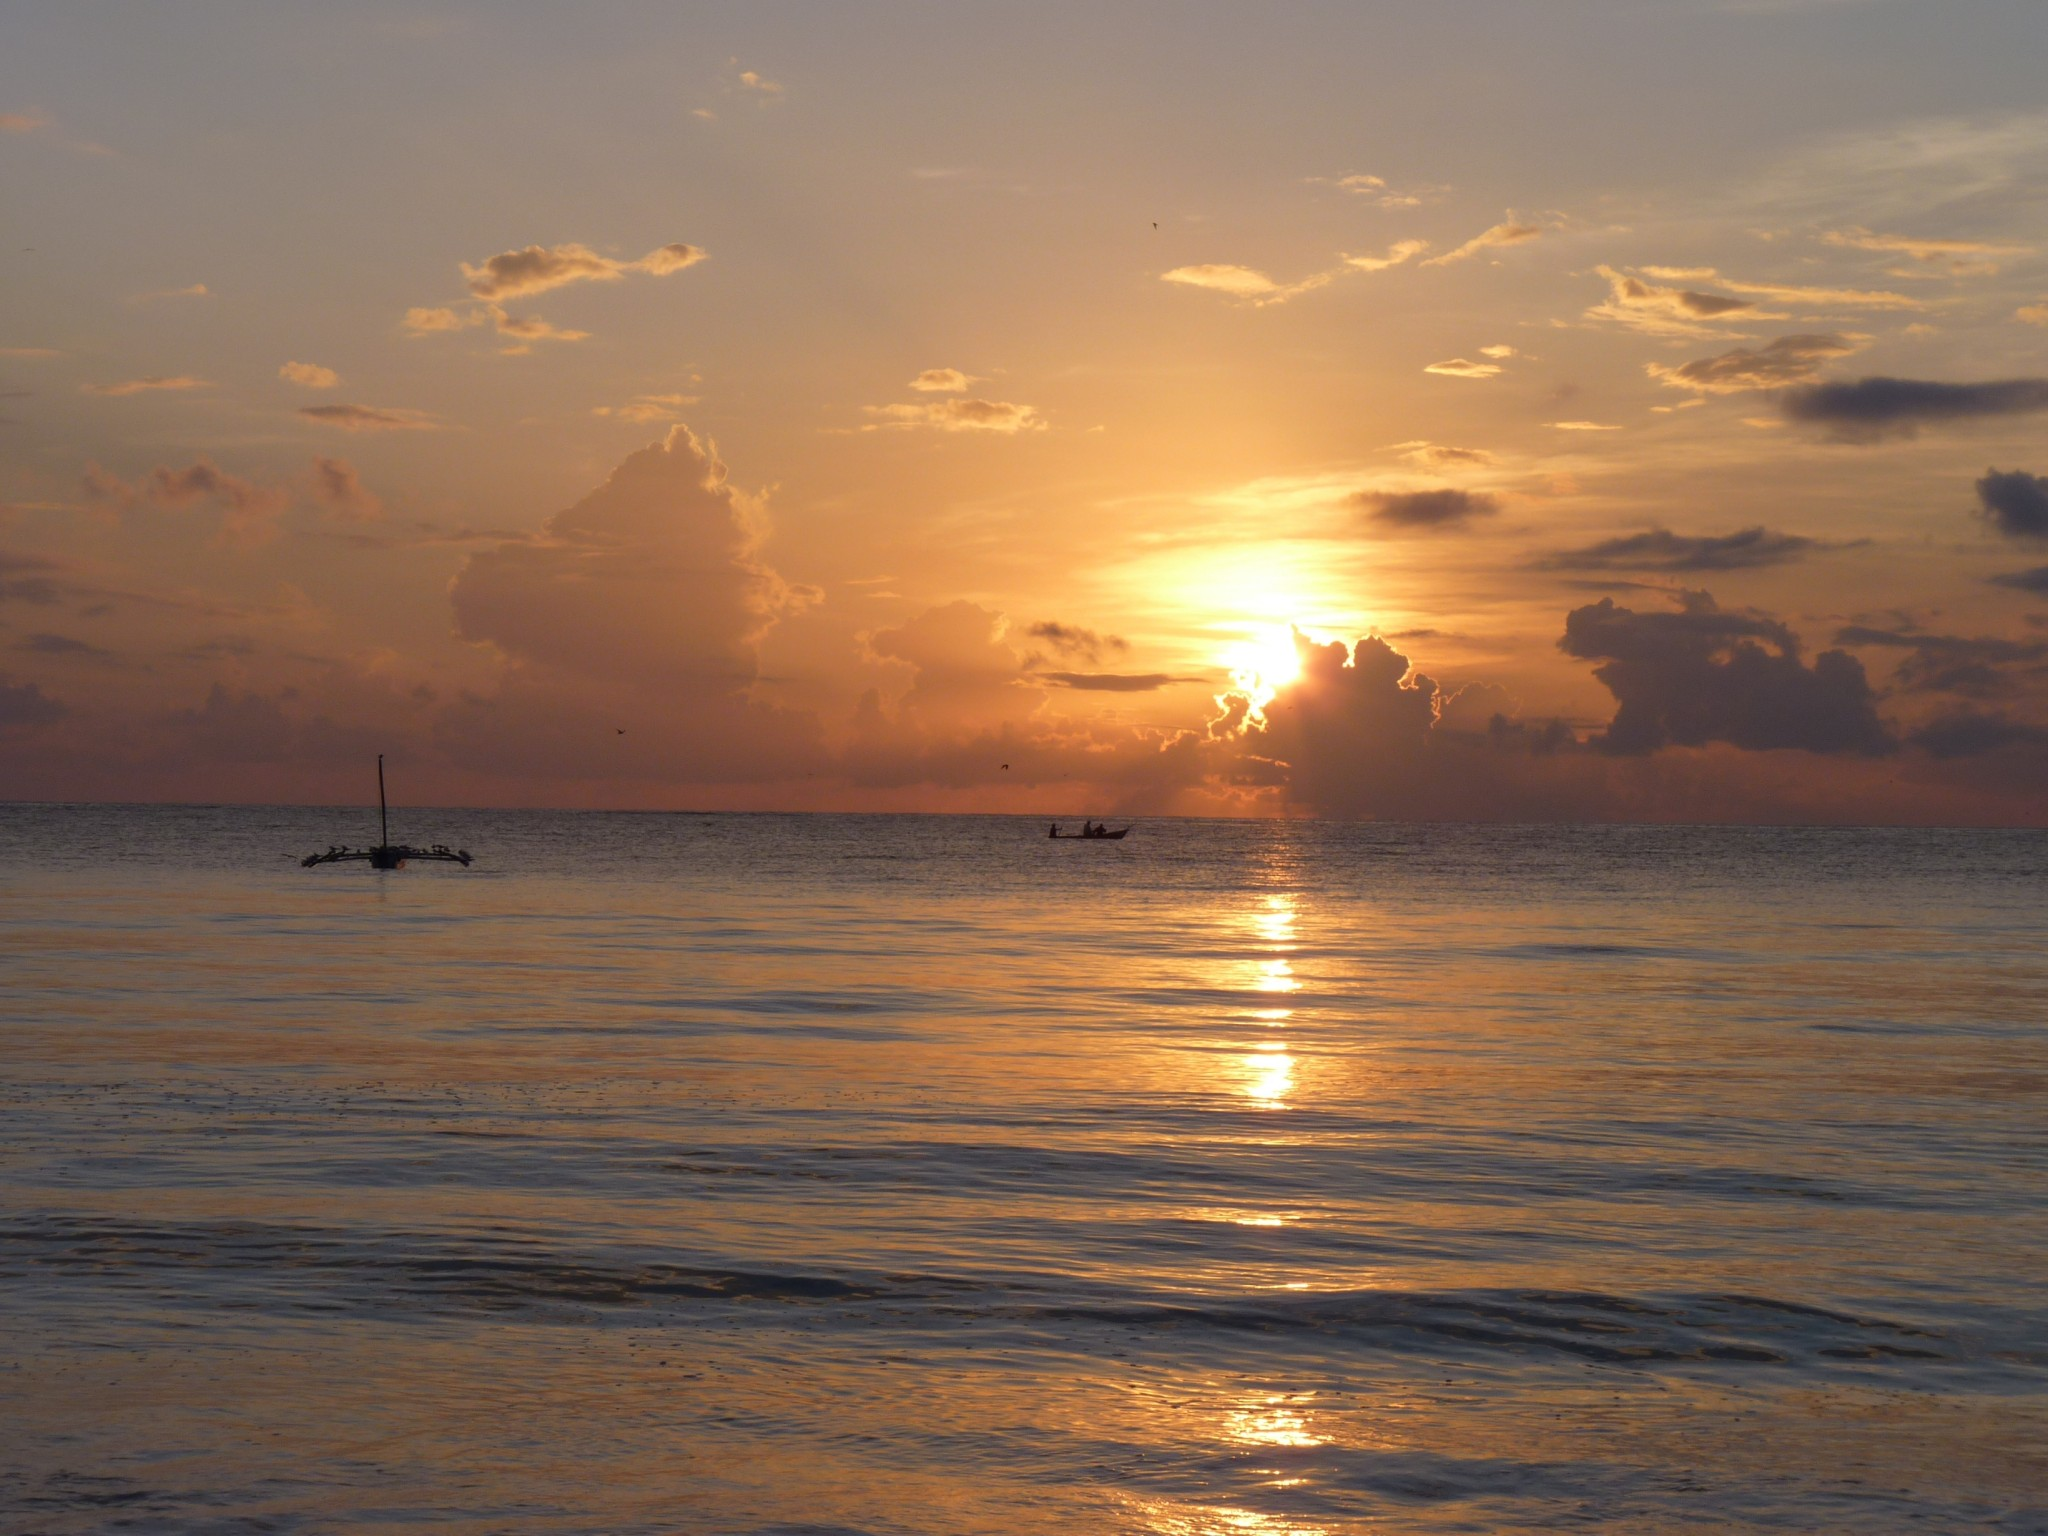 Sonnenaufgang über dem Indischen Ozean